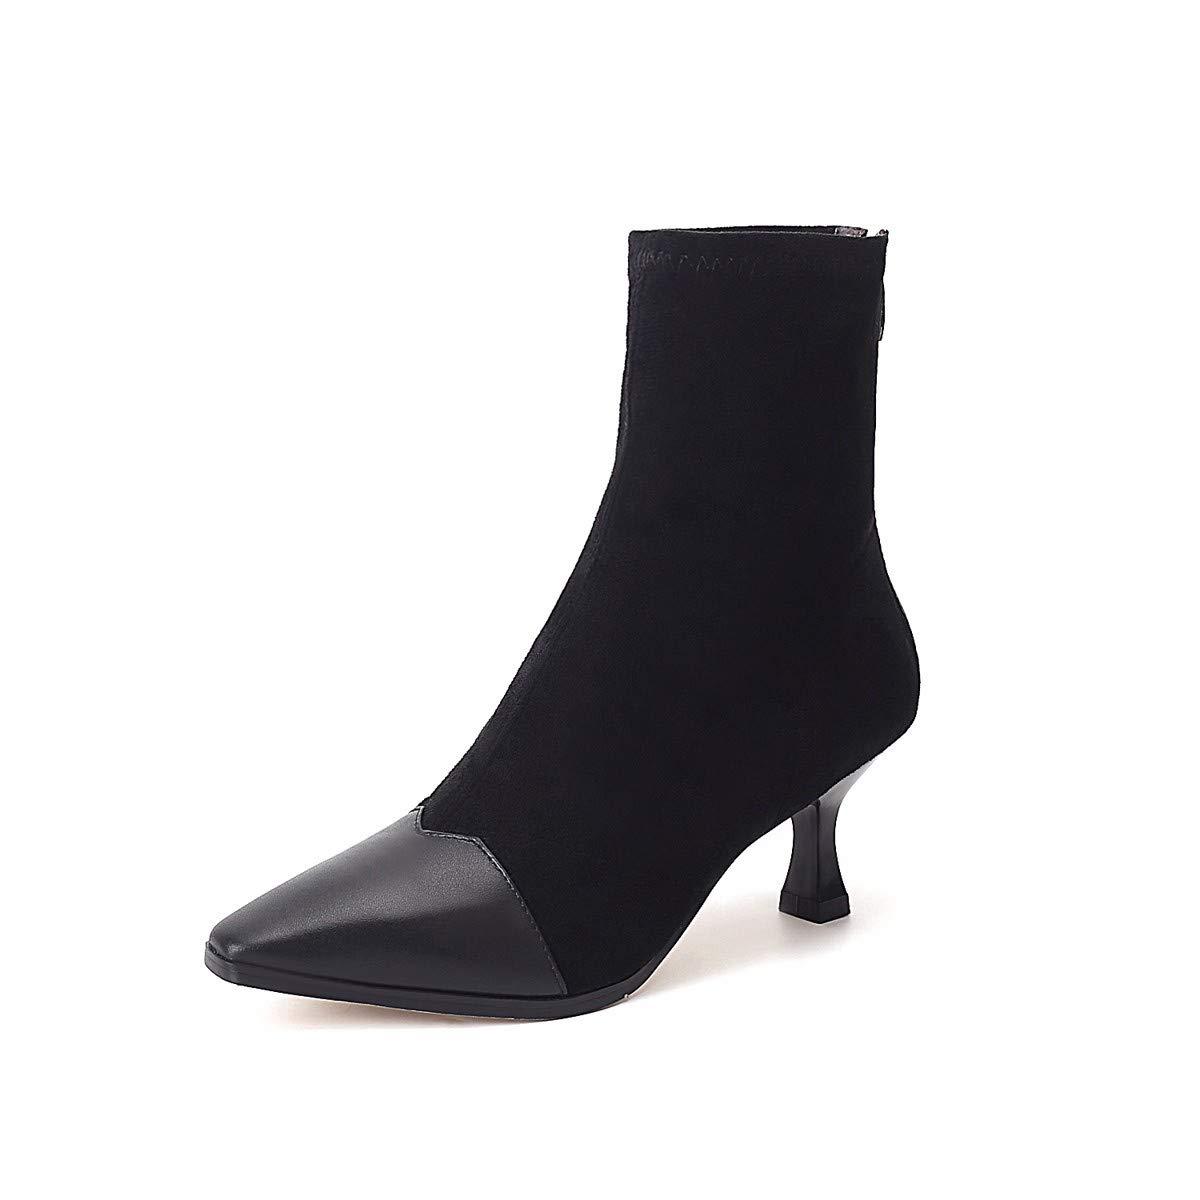 KPHY Damenschuhe/Kurz Darauf Stiefel High Heels Hohe 7Cm Martin Stiefel Dünn Und Mit Stiefeln Die Roten Elastische Strümpfe Stiefel.